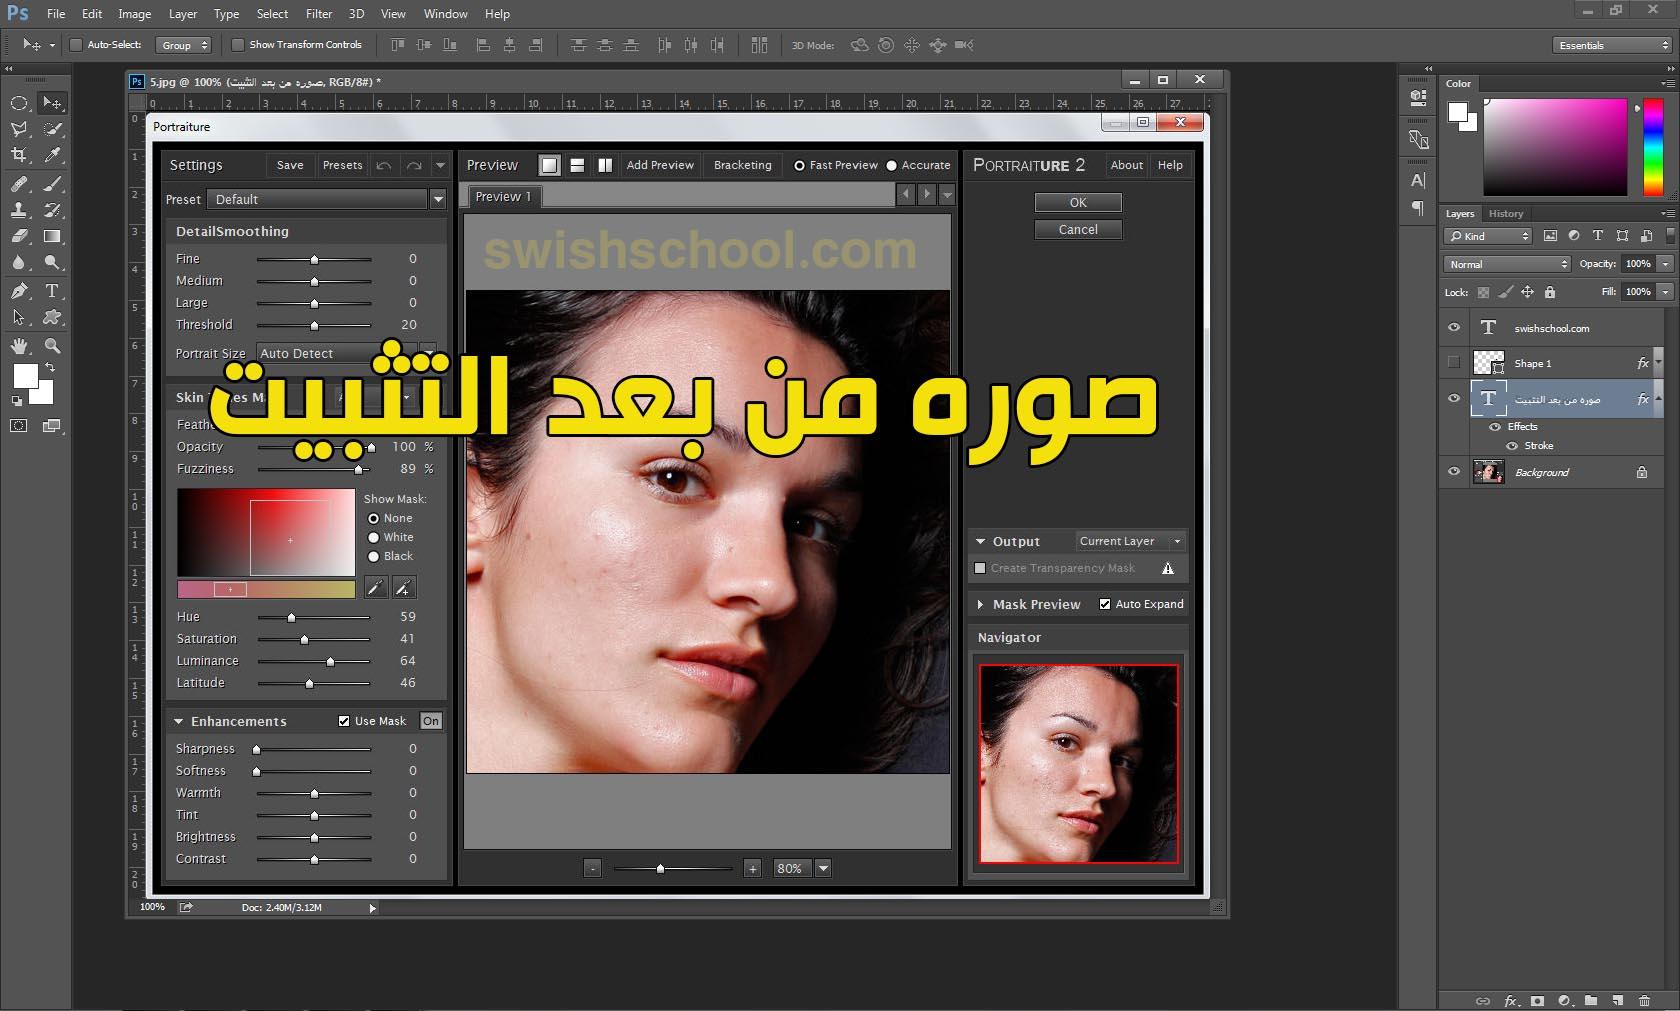 Imagenomic portraiture 3 plugin